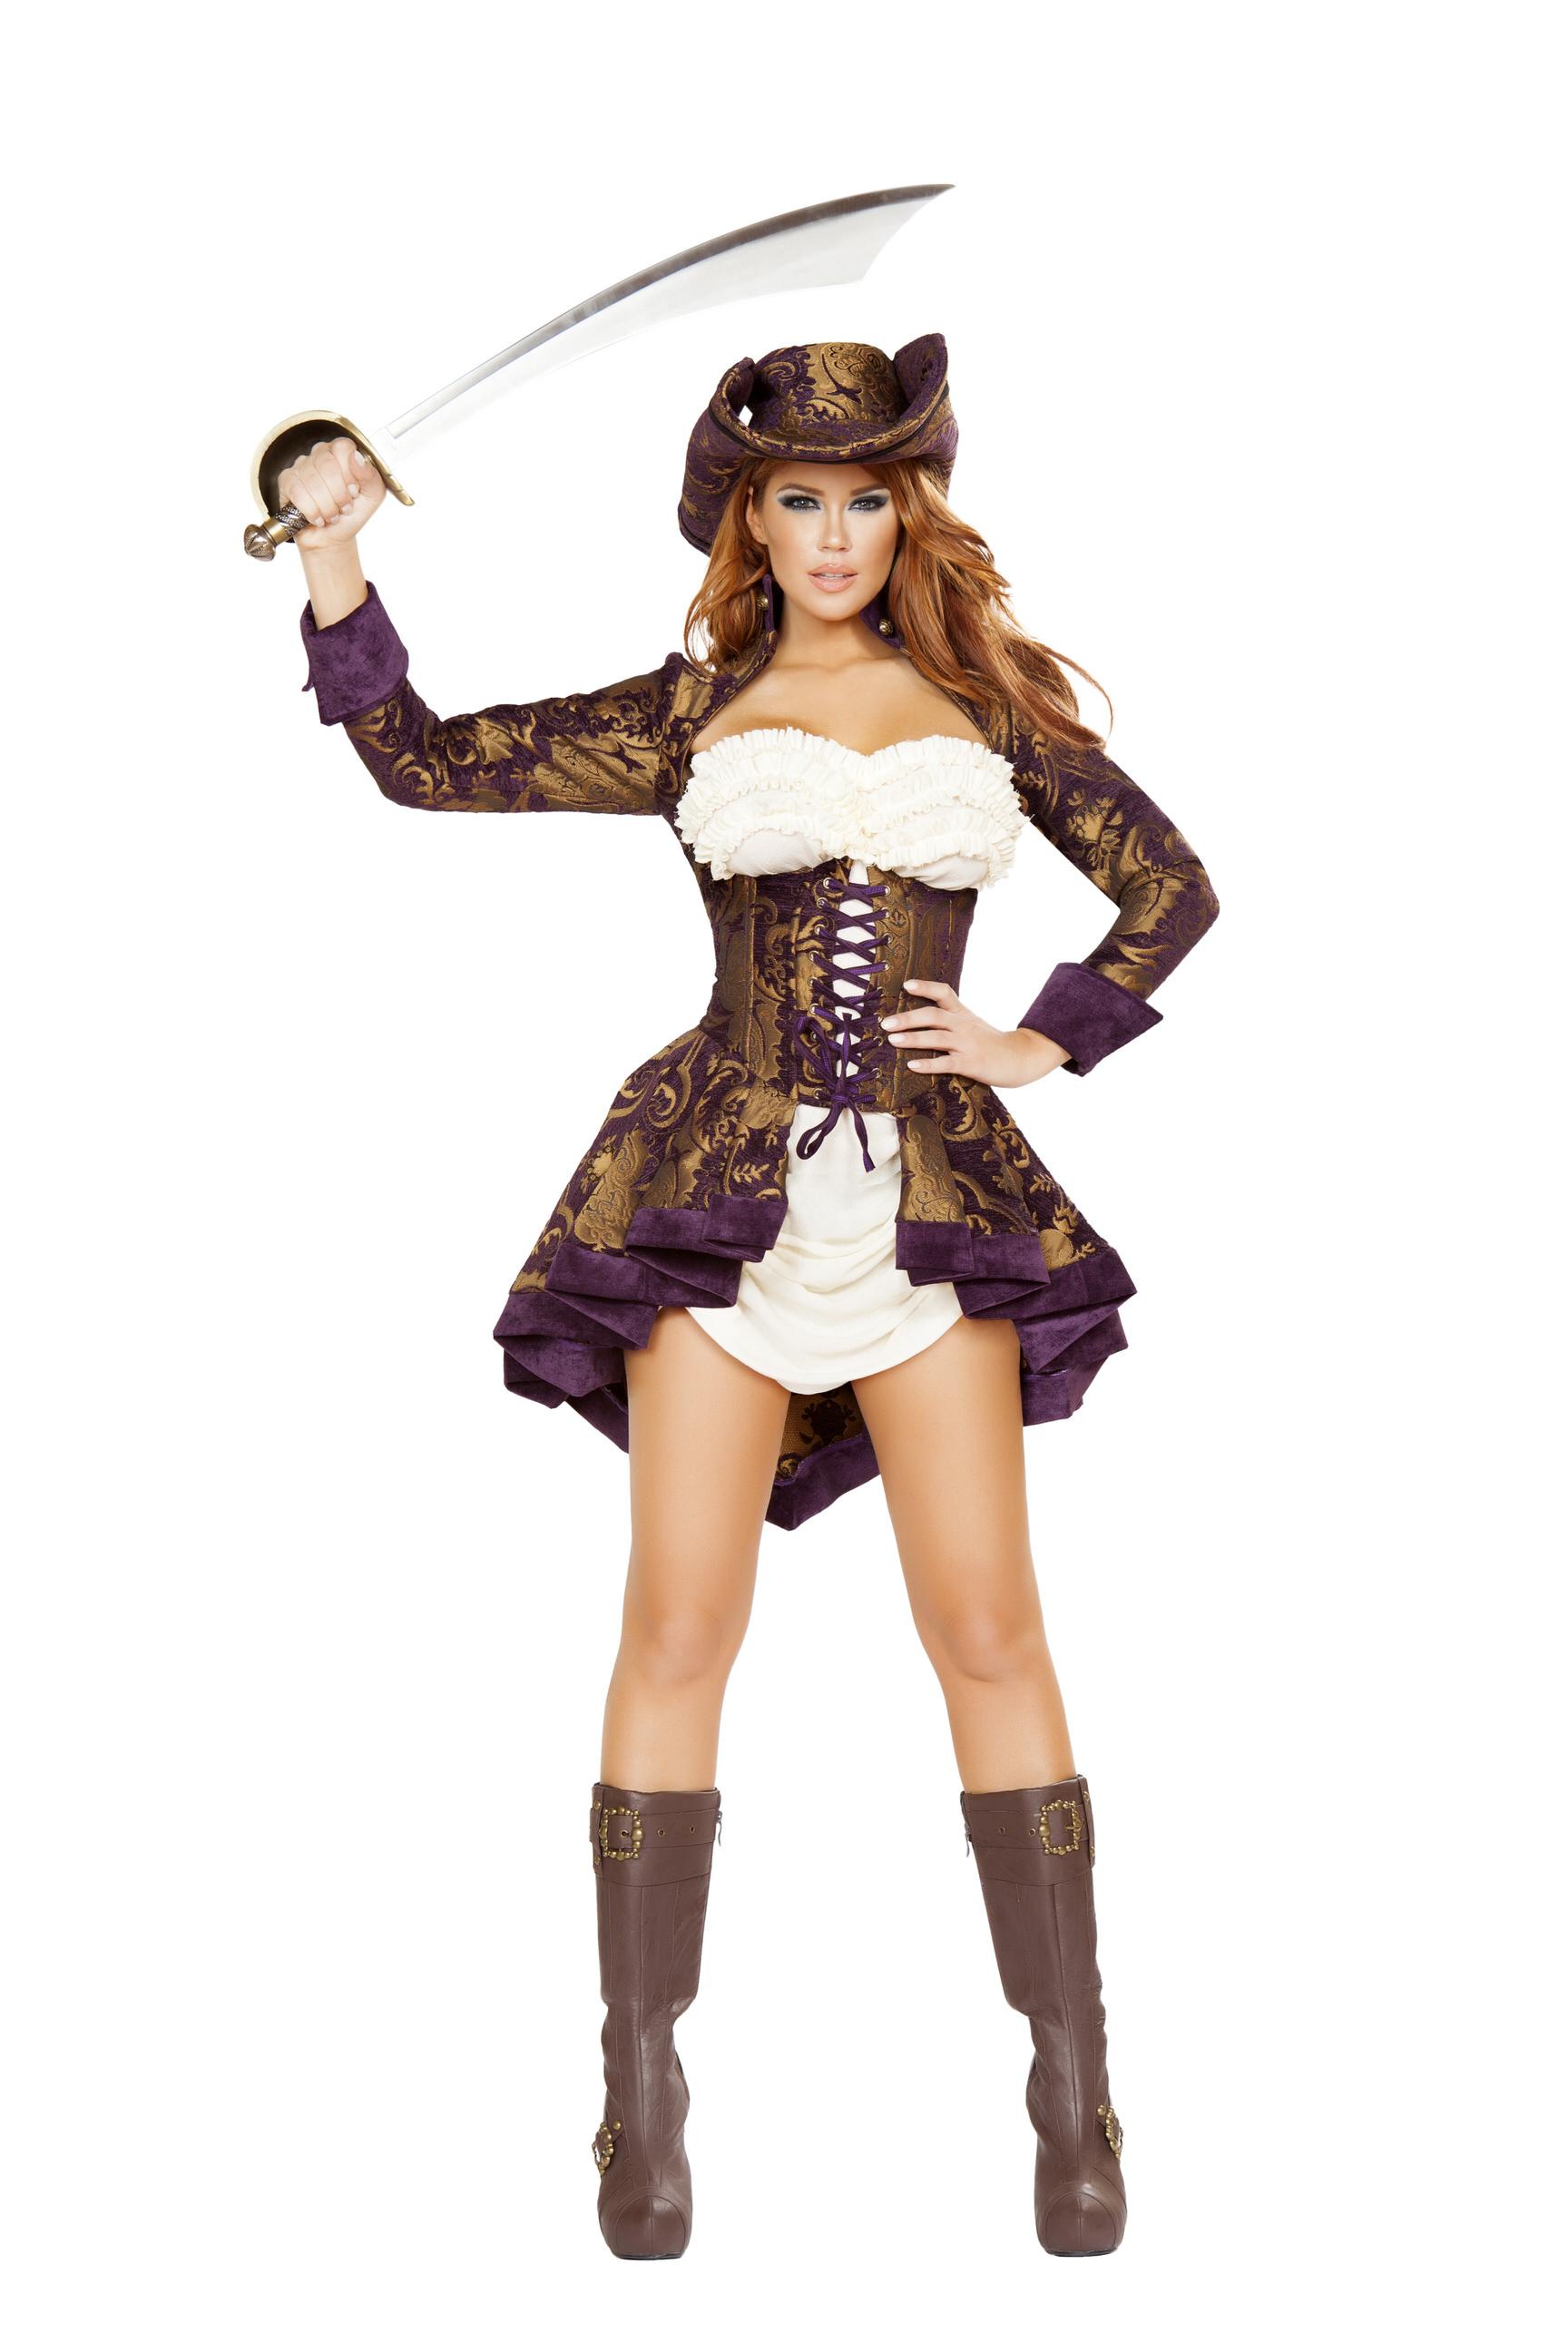 Classy Pirate